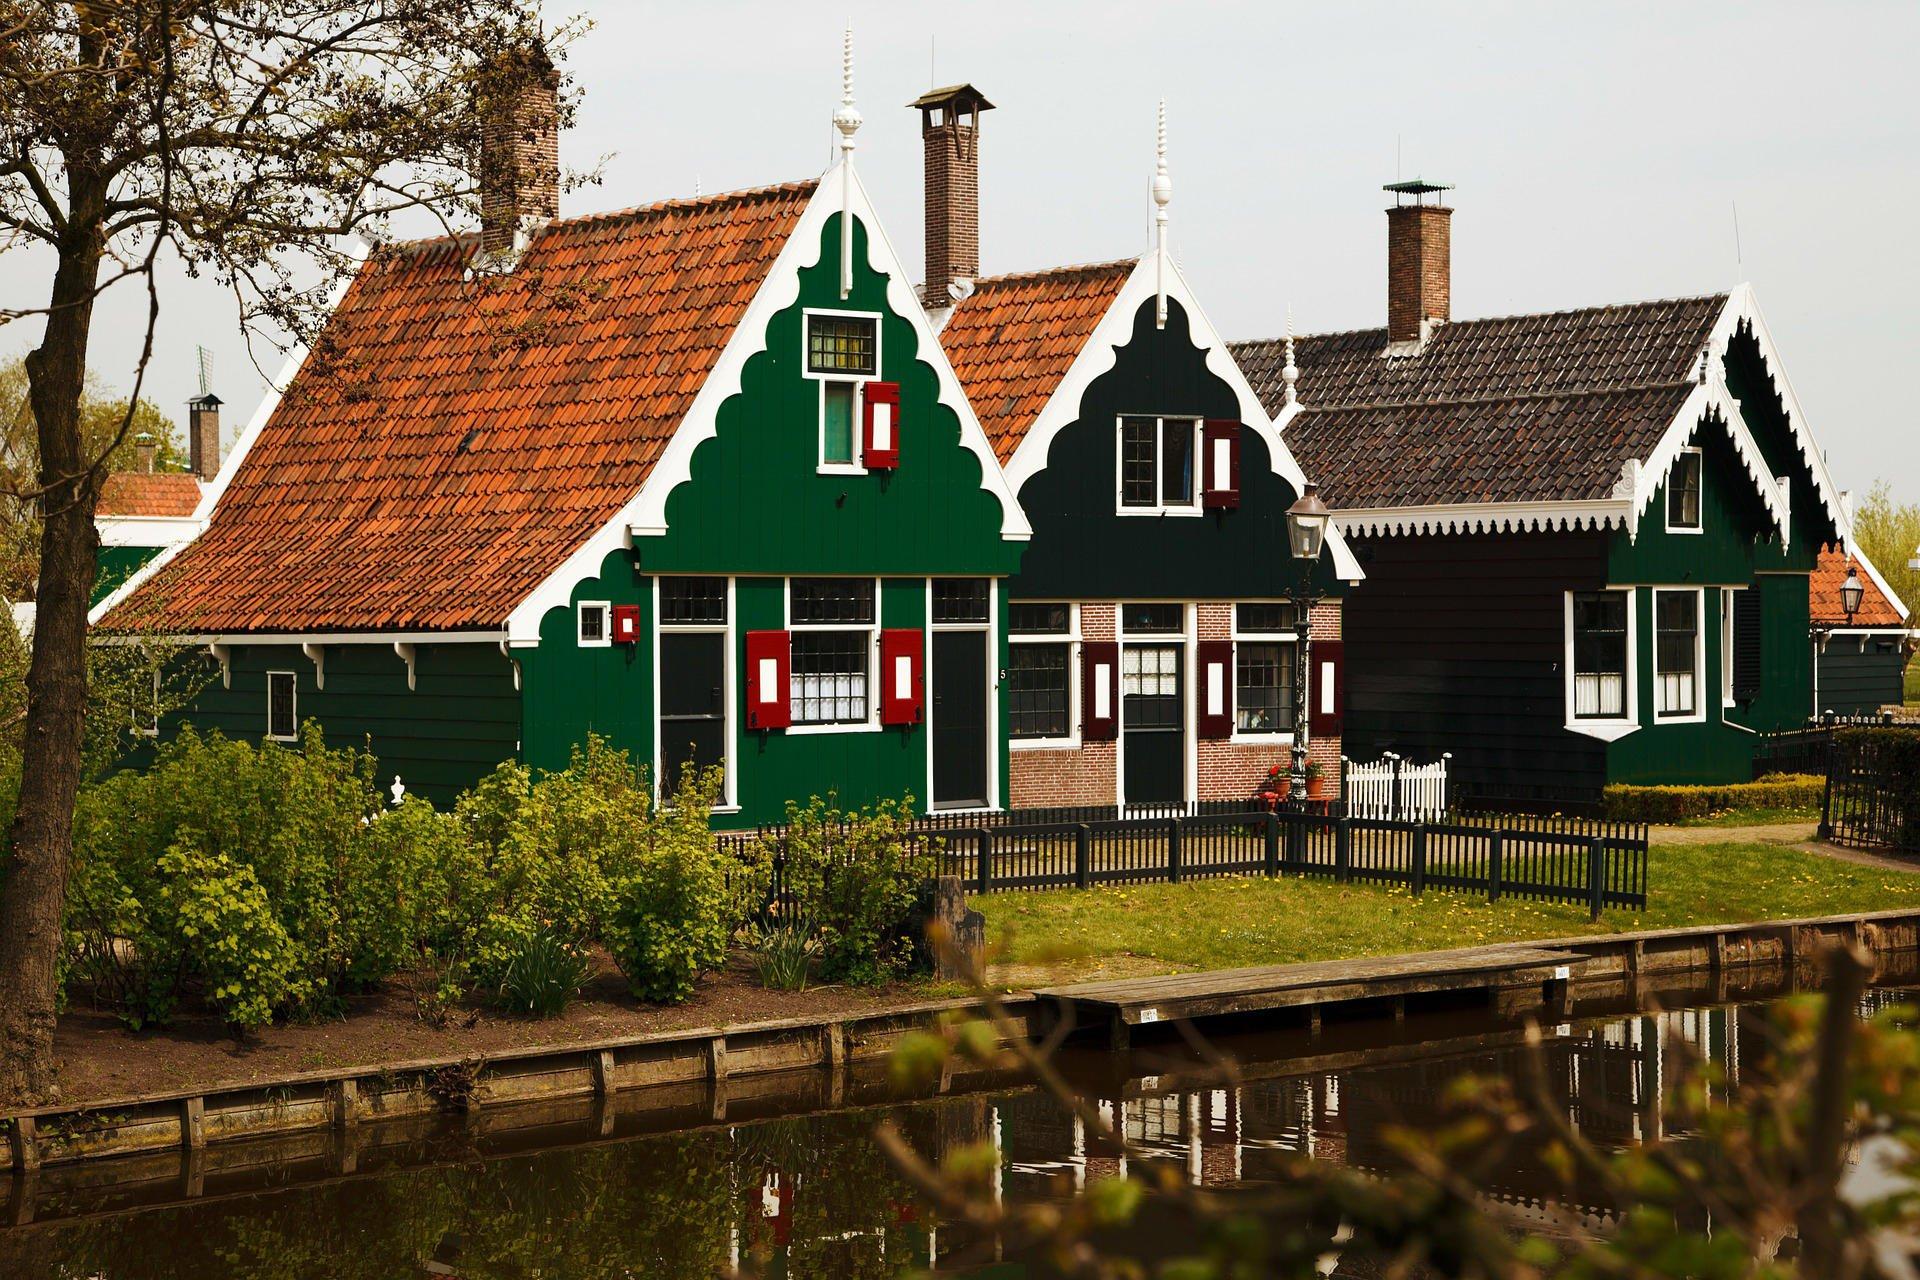 Kleurplaten Van Huizen : Kleurplaat huizen afb